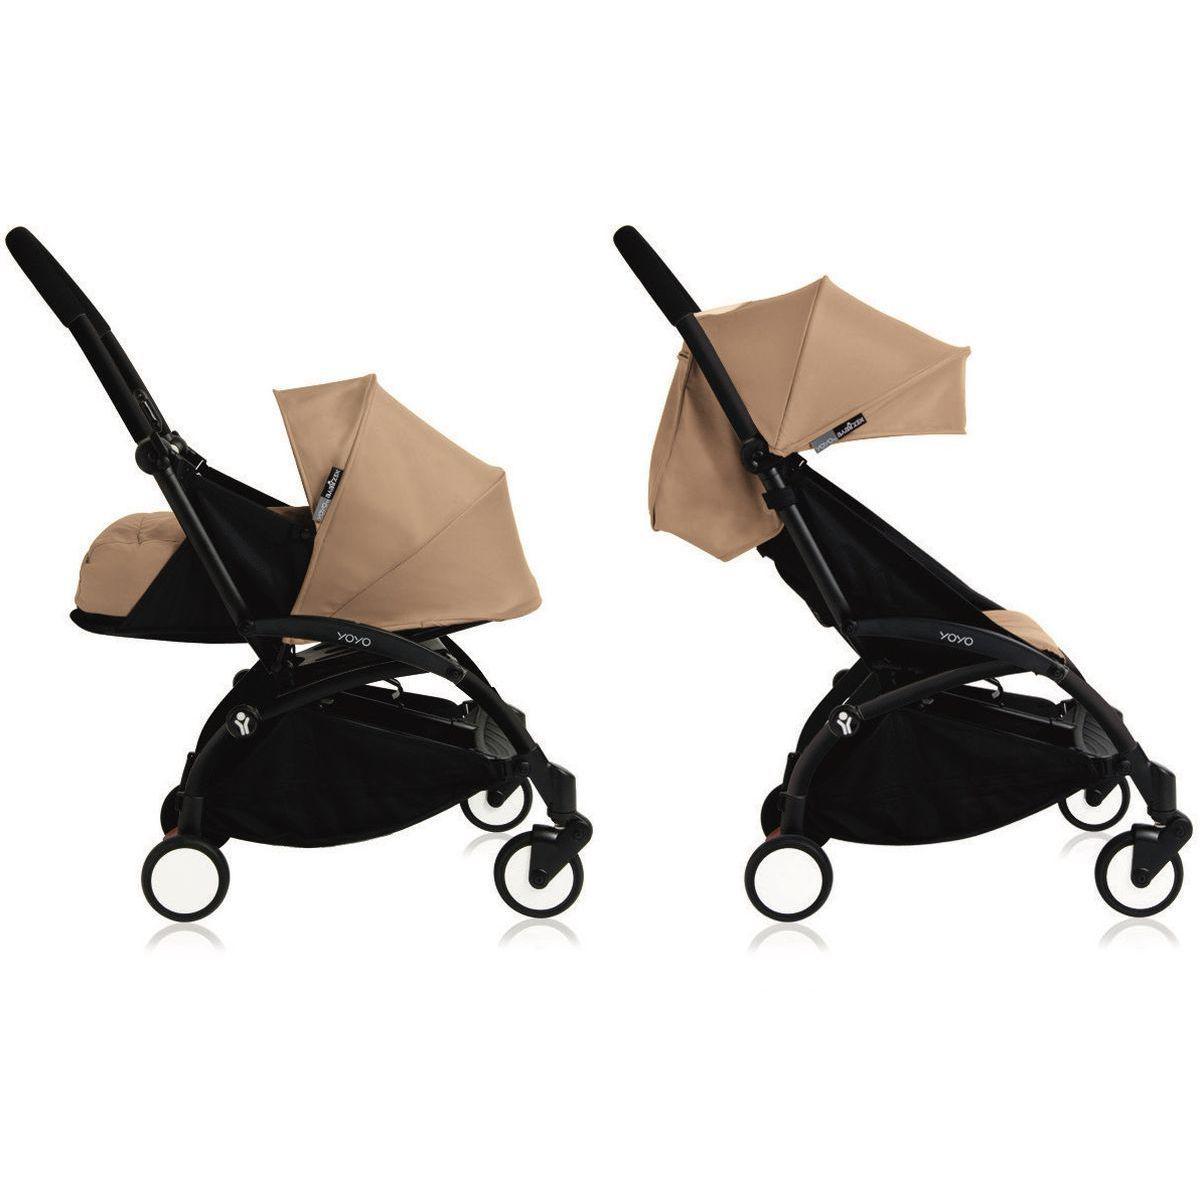 Poussette bébé/enfant YOYO+ 0+ à 6+ noir/taupe